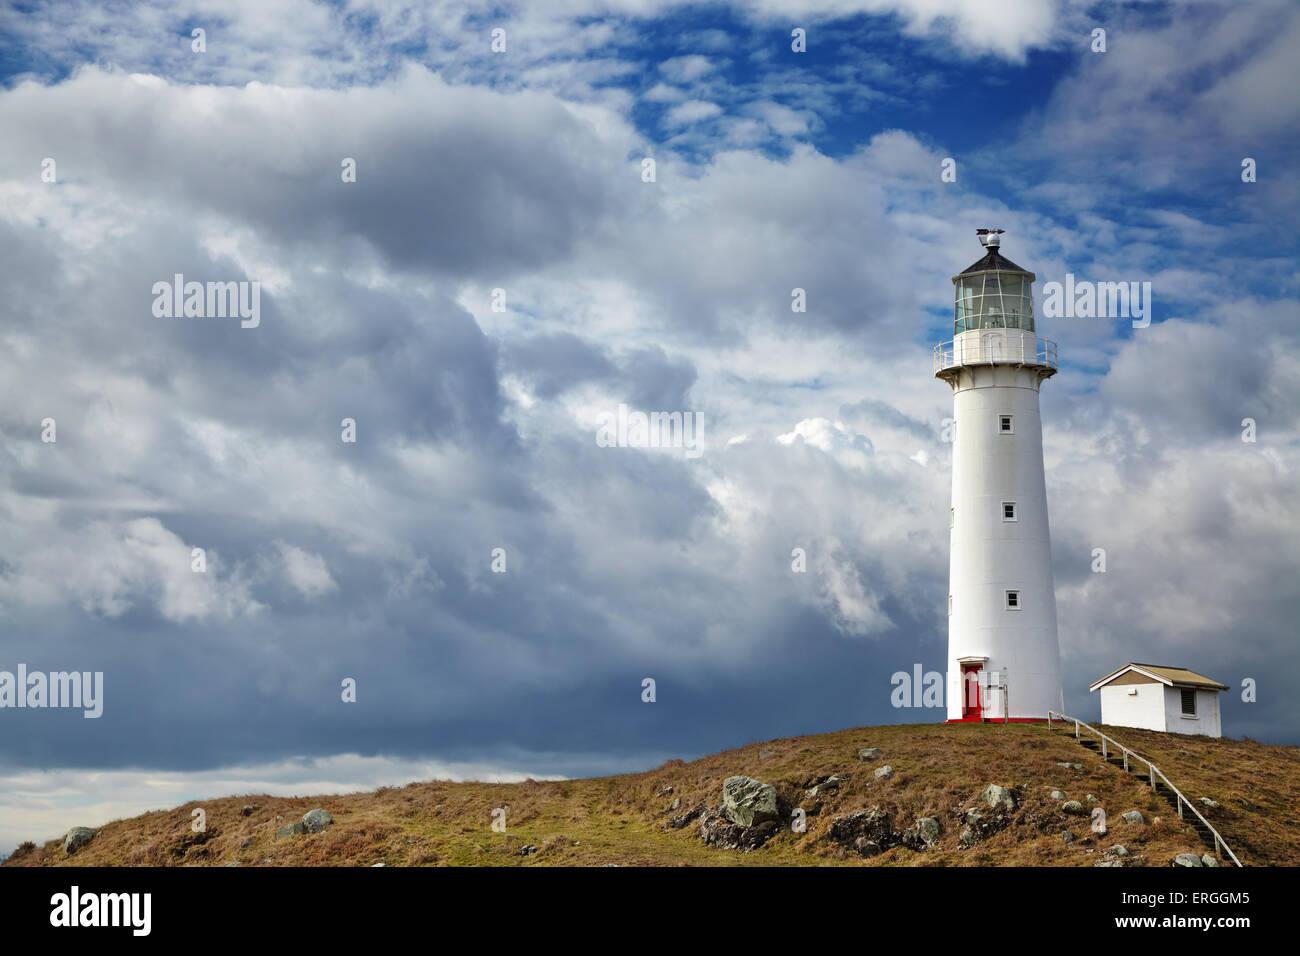 Cape Egmont Lighthouse, Taranaki coast, New Zealand - Stock Image